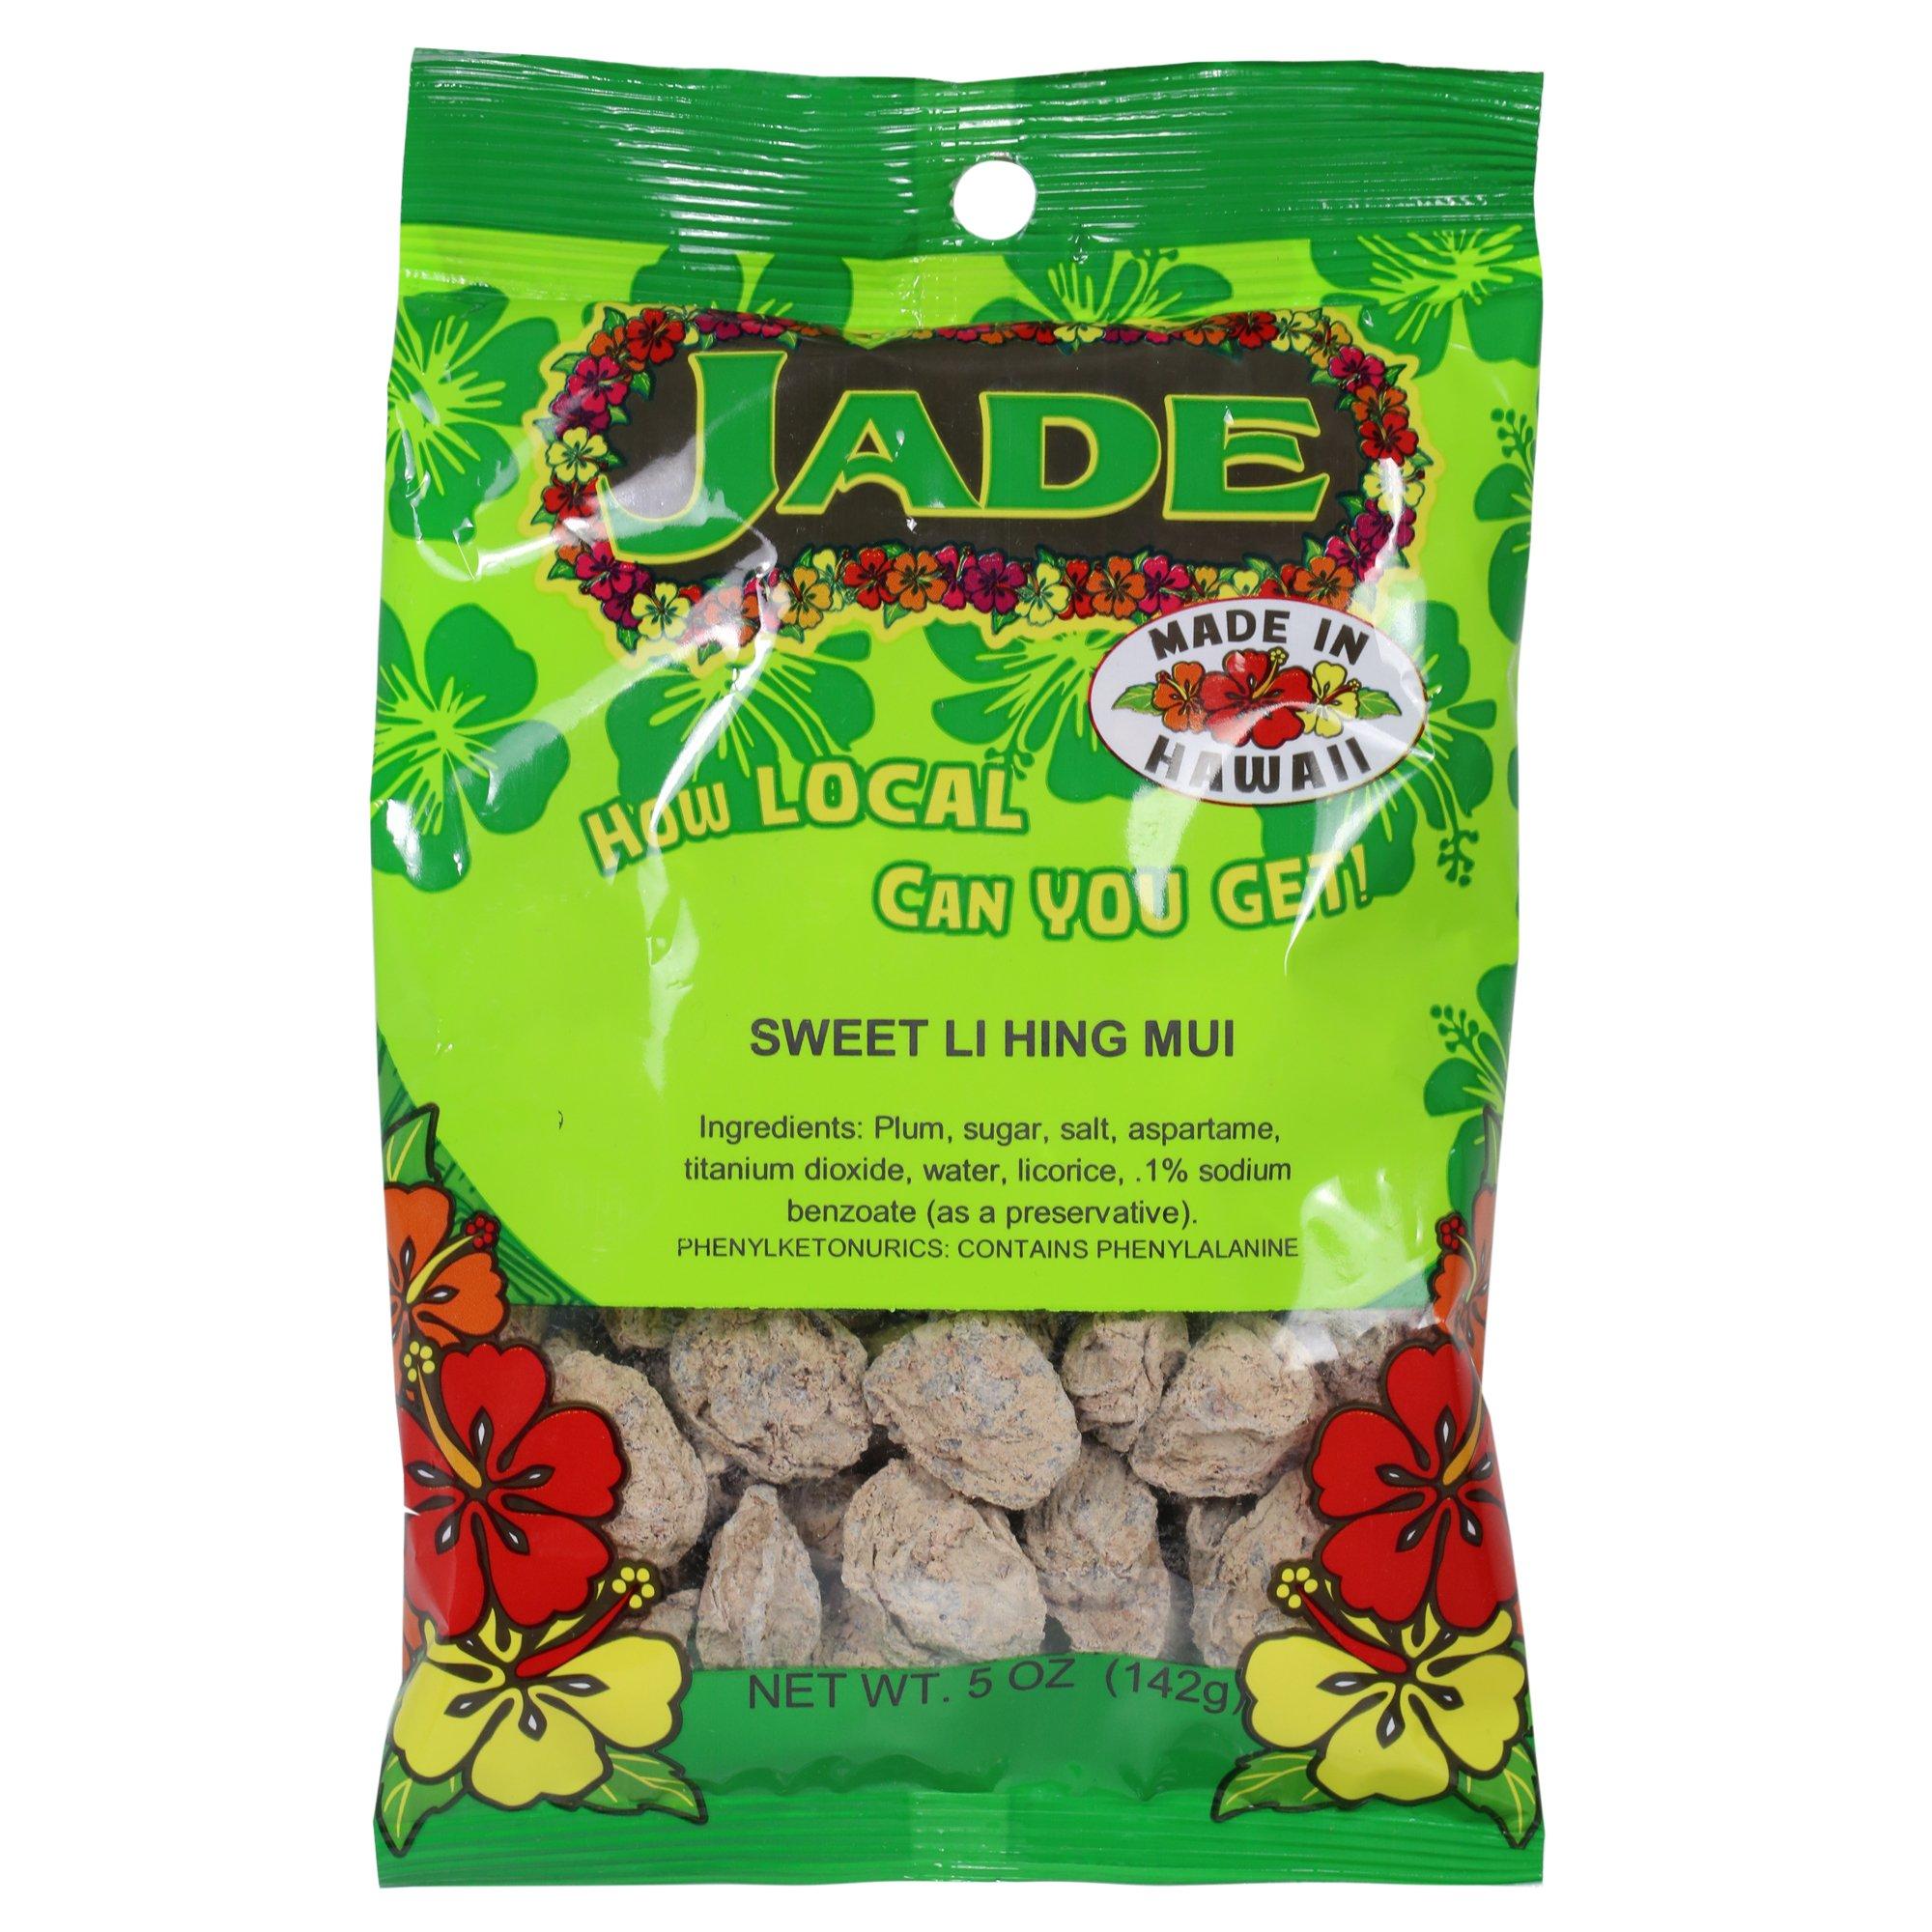 Jade Sweet Li Hing Mui Dried Plums 5 Ounces by Jade